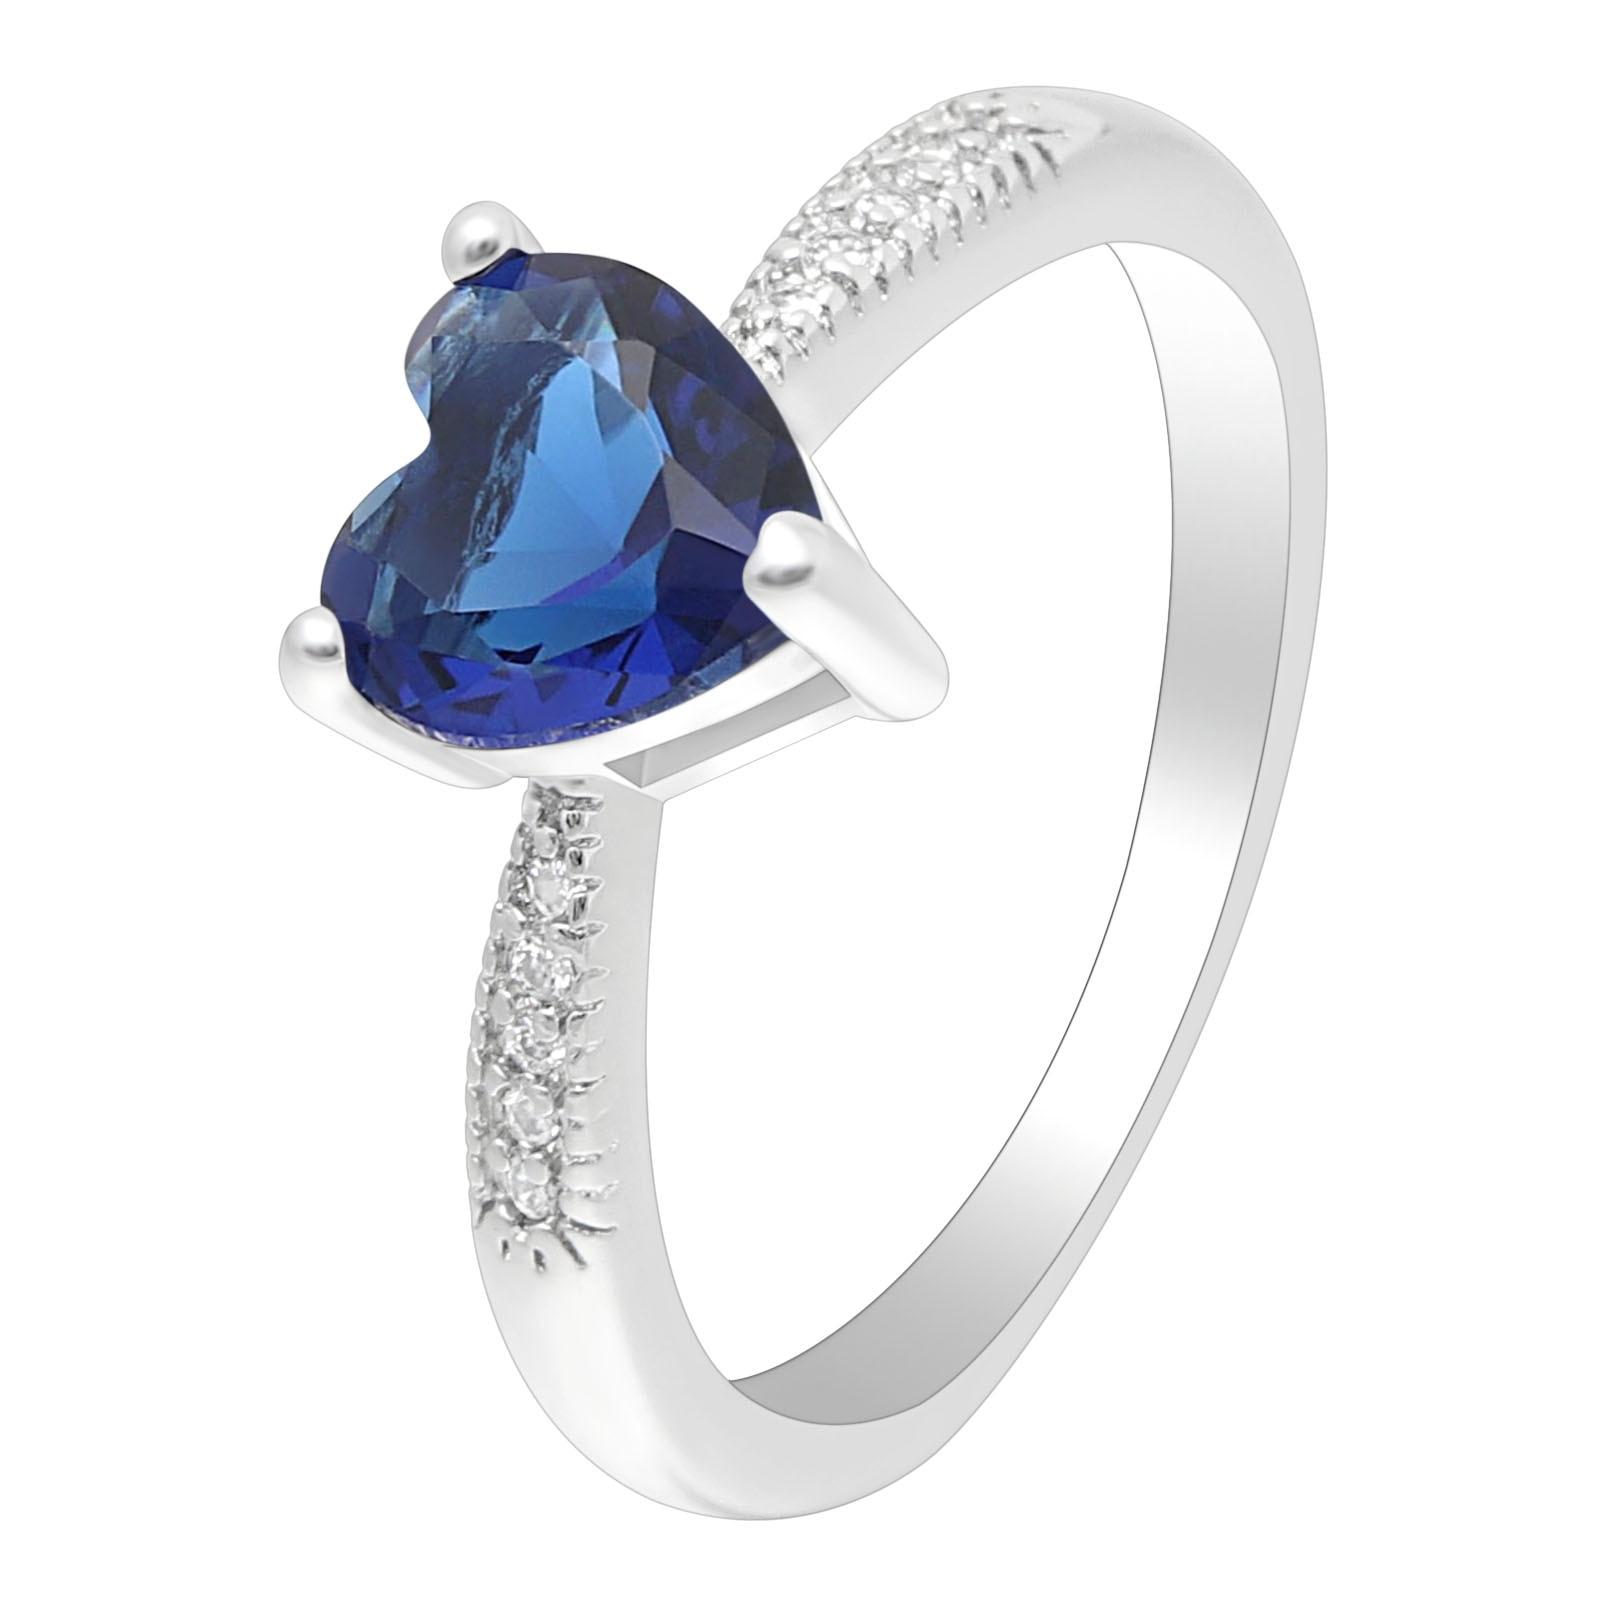 Hainon модные женские туфли свадебные Обручение серебряные украшения заполненный цвет голубой циркон Обещание Кольца Очаровательная кольцо ... ...